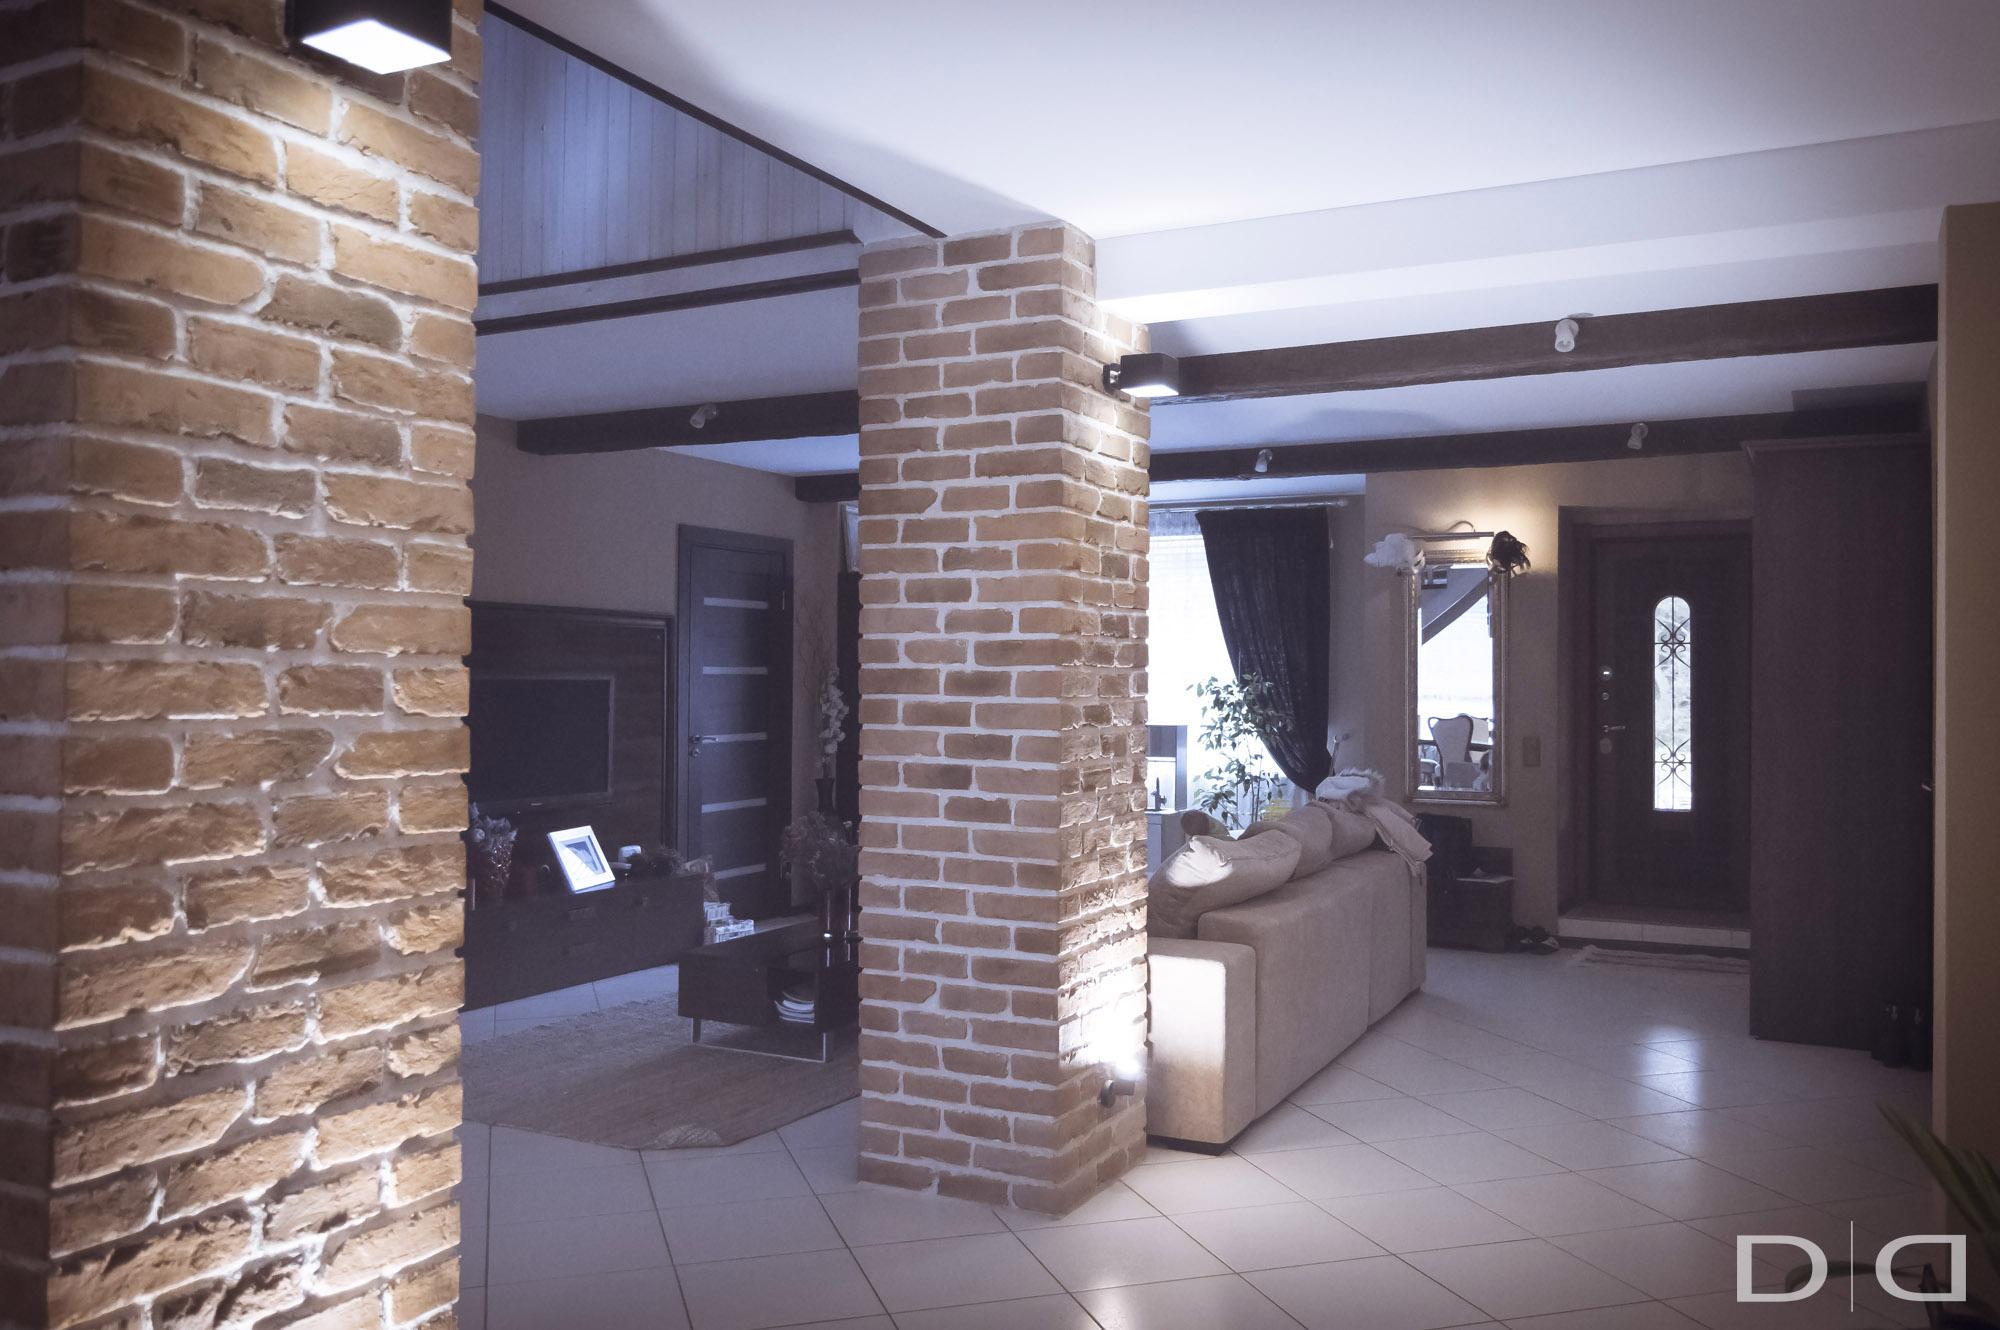 025_dd-interior_studio_design_project_minsk_009-16